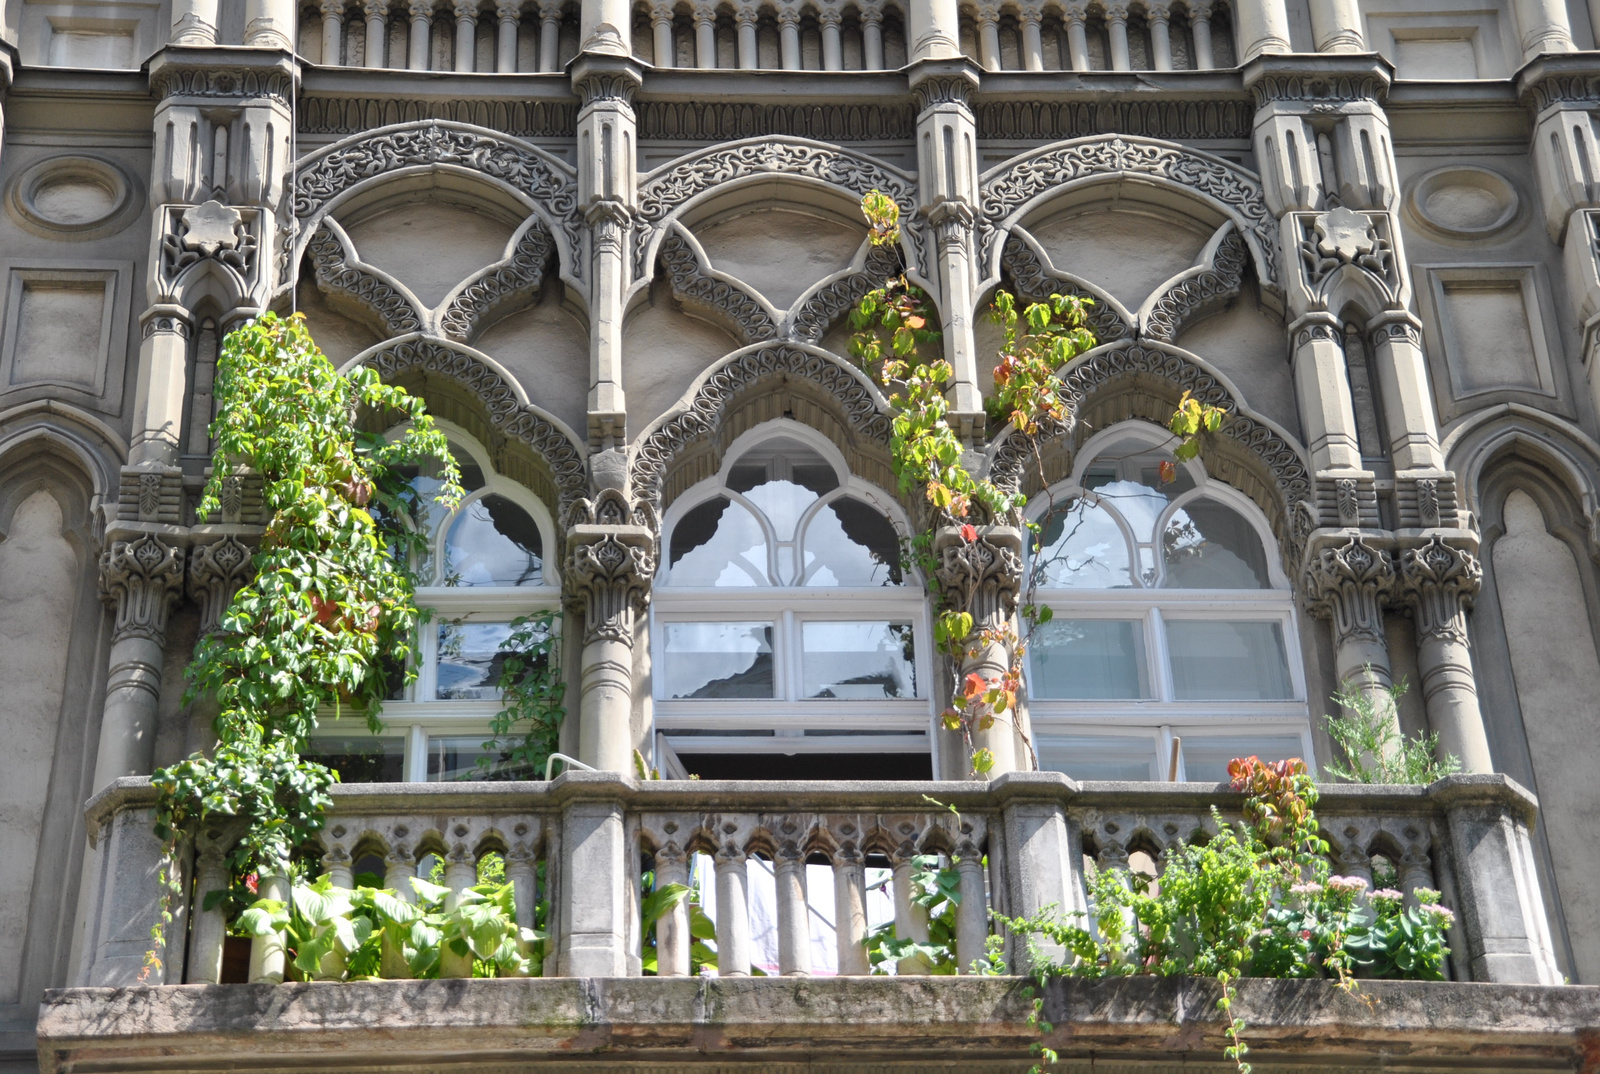 Sas utcai erkély